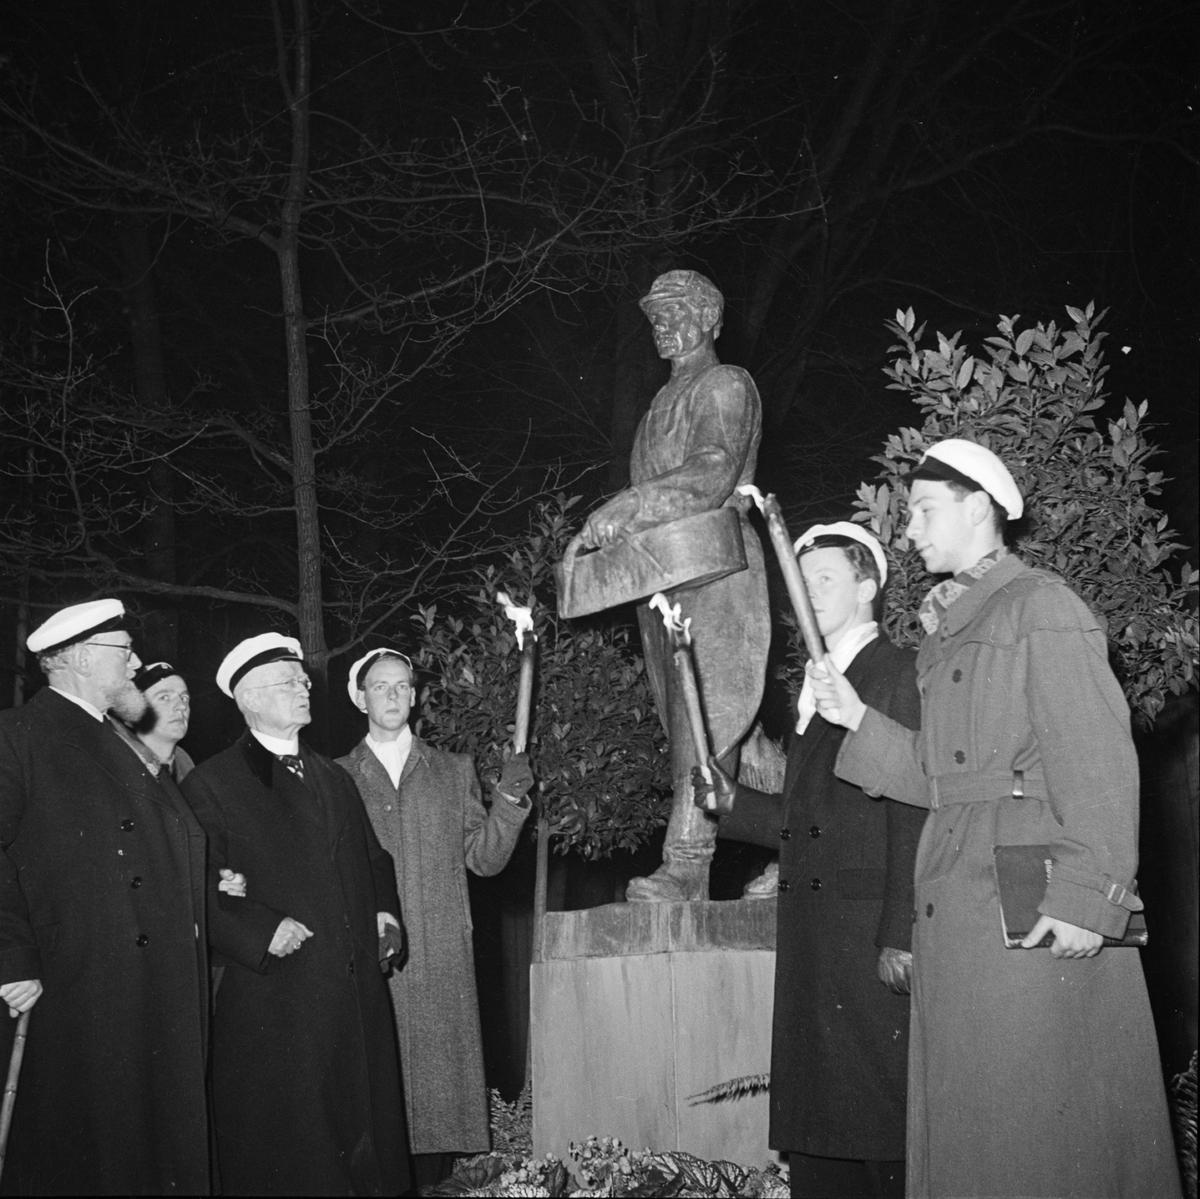 Män med studentmössor och facklor vid avtäckningen av skulpturen Såningsmannen. Längst till vänster skulpturens upphovsman konstnären Gottfrid Larsson. Östgöta nations 300-årsjubileum, Uppsala 1946